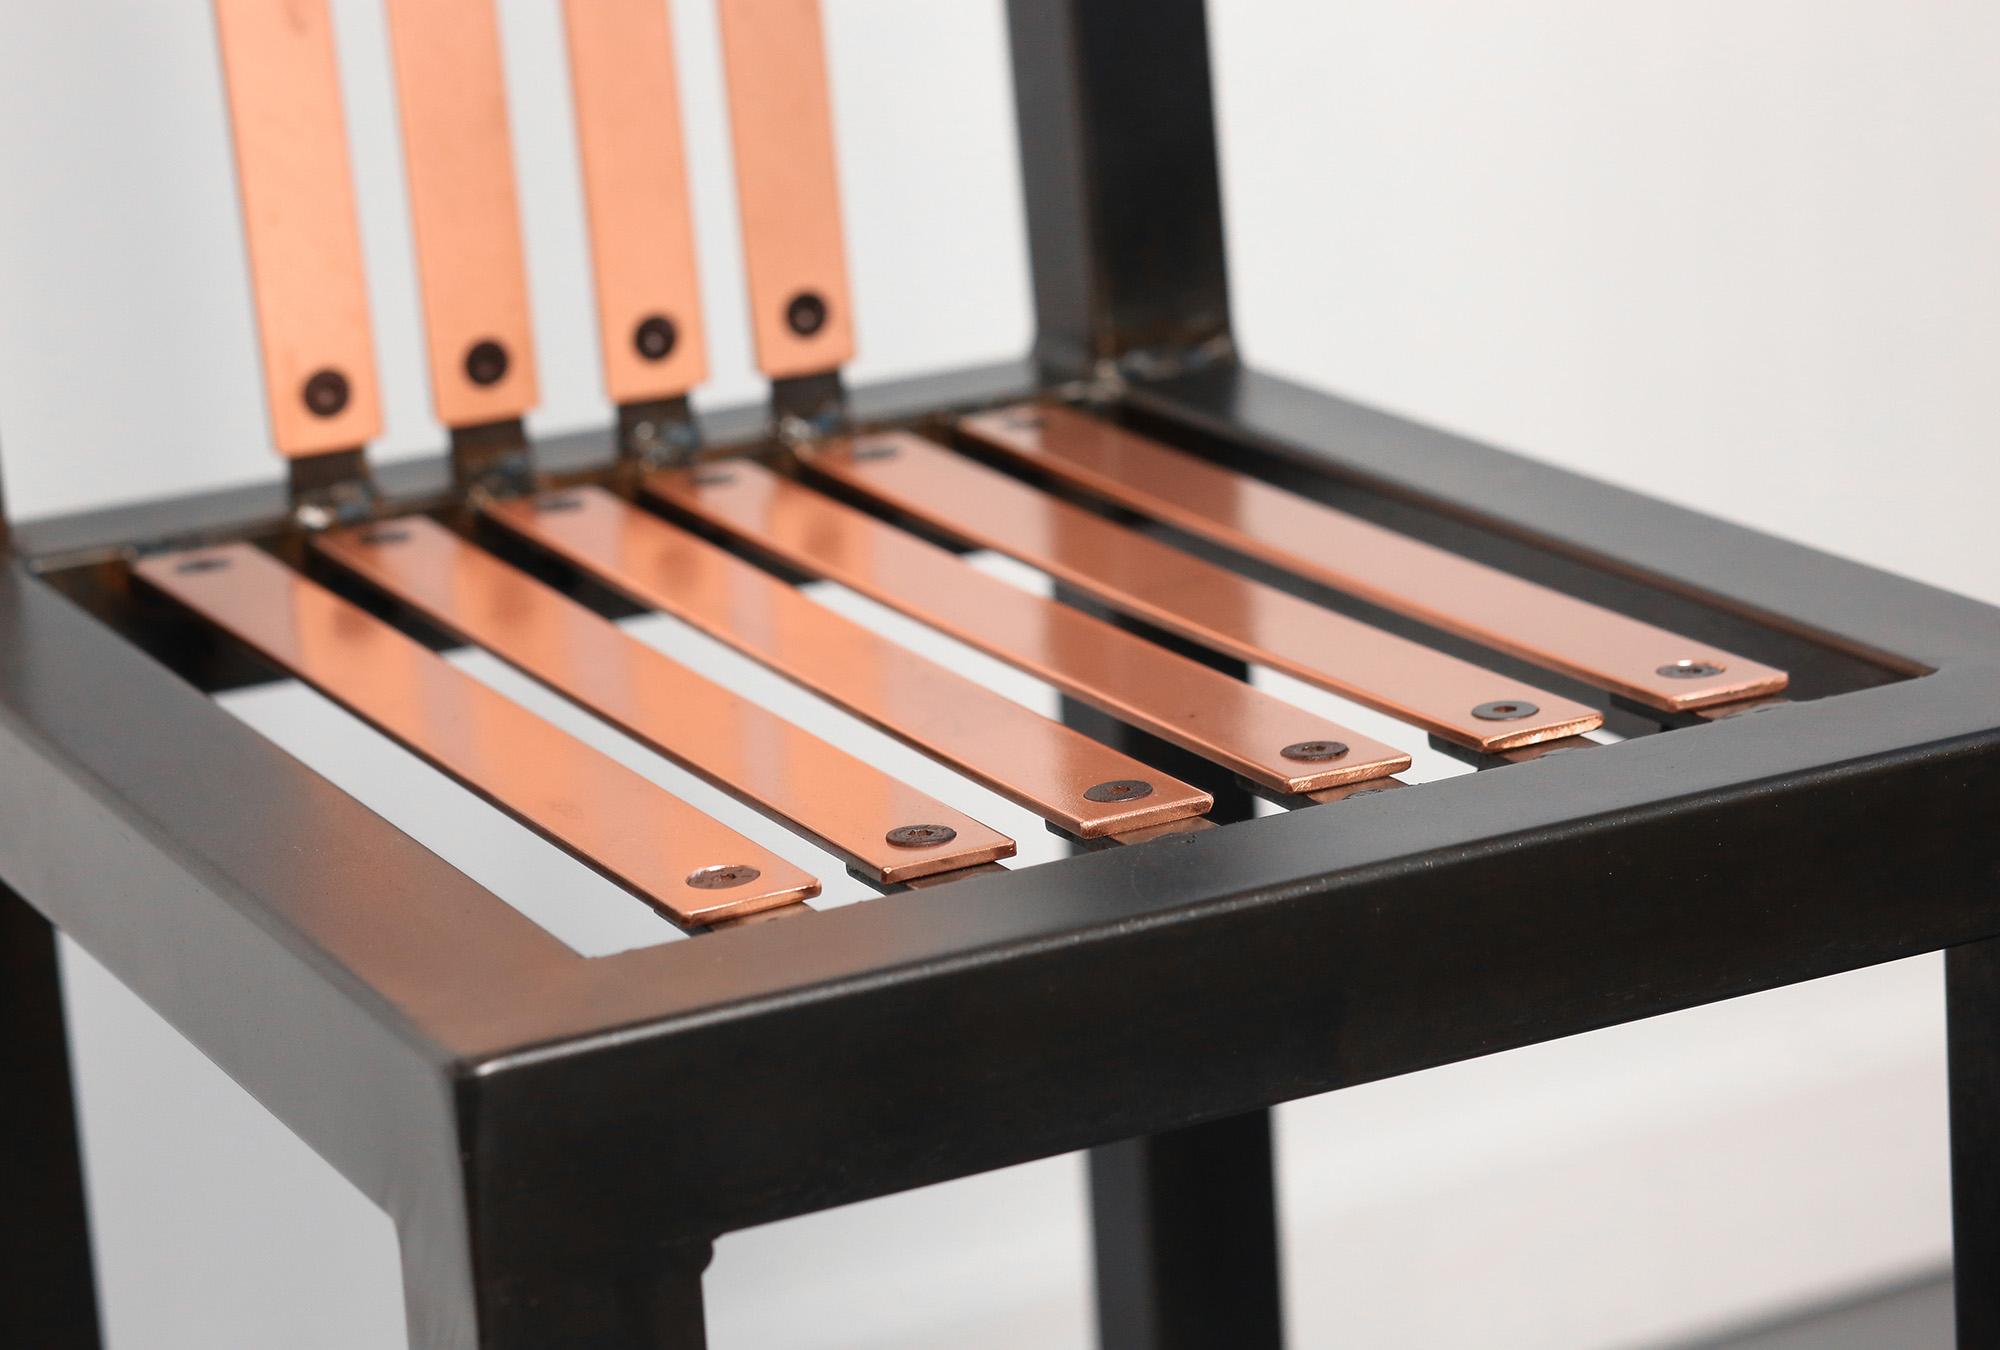 saint furniture handmade copper chair